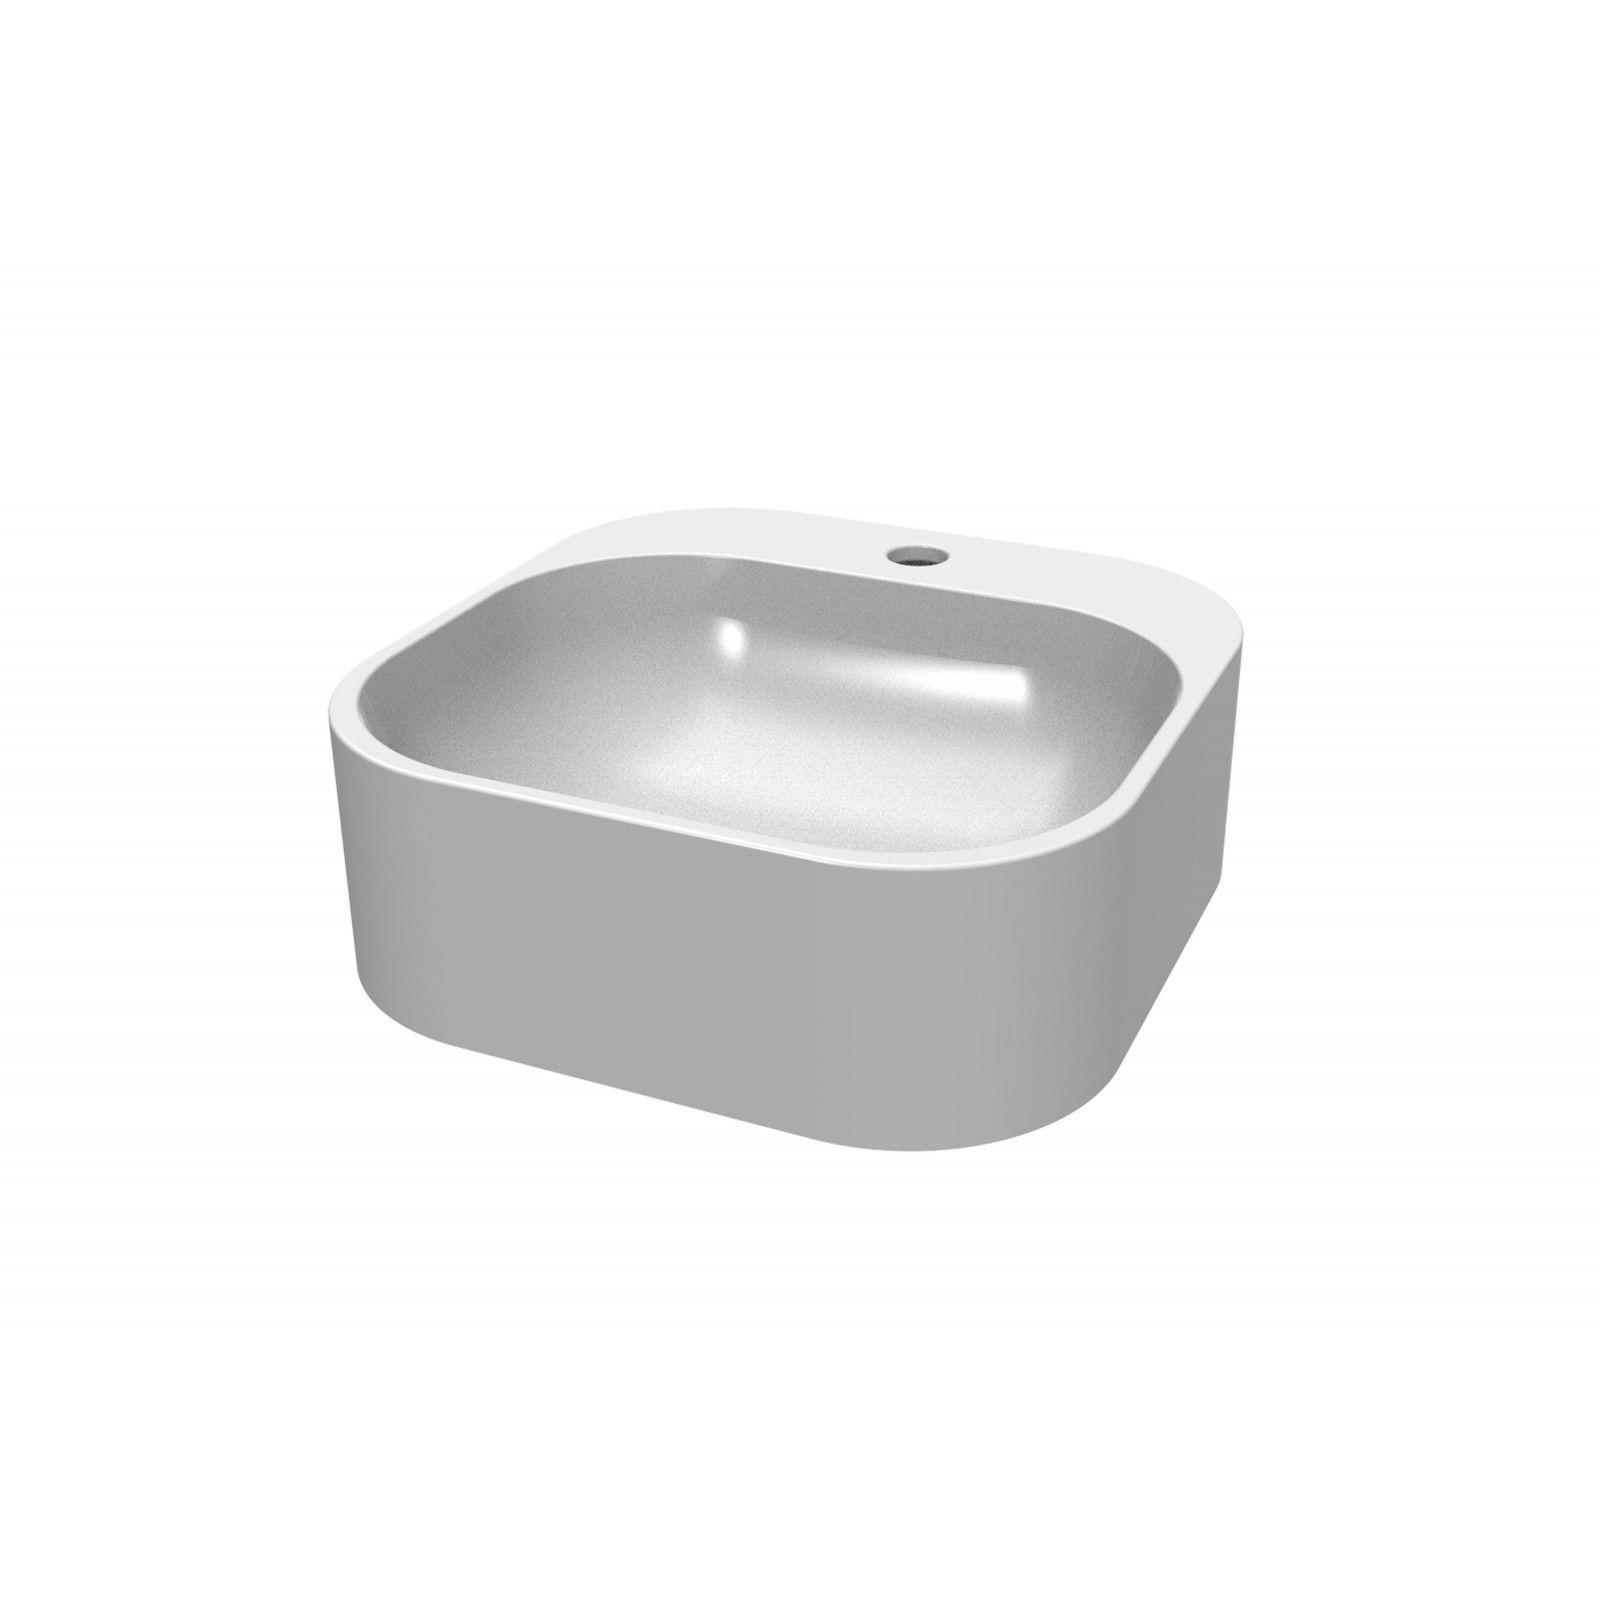 Vasque blanche à poser - Résine L37 SIAN